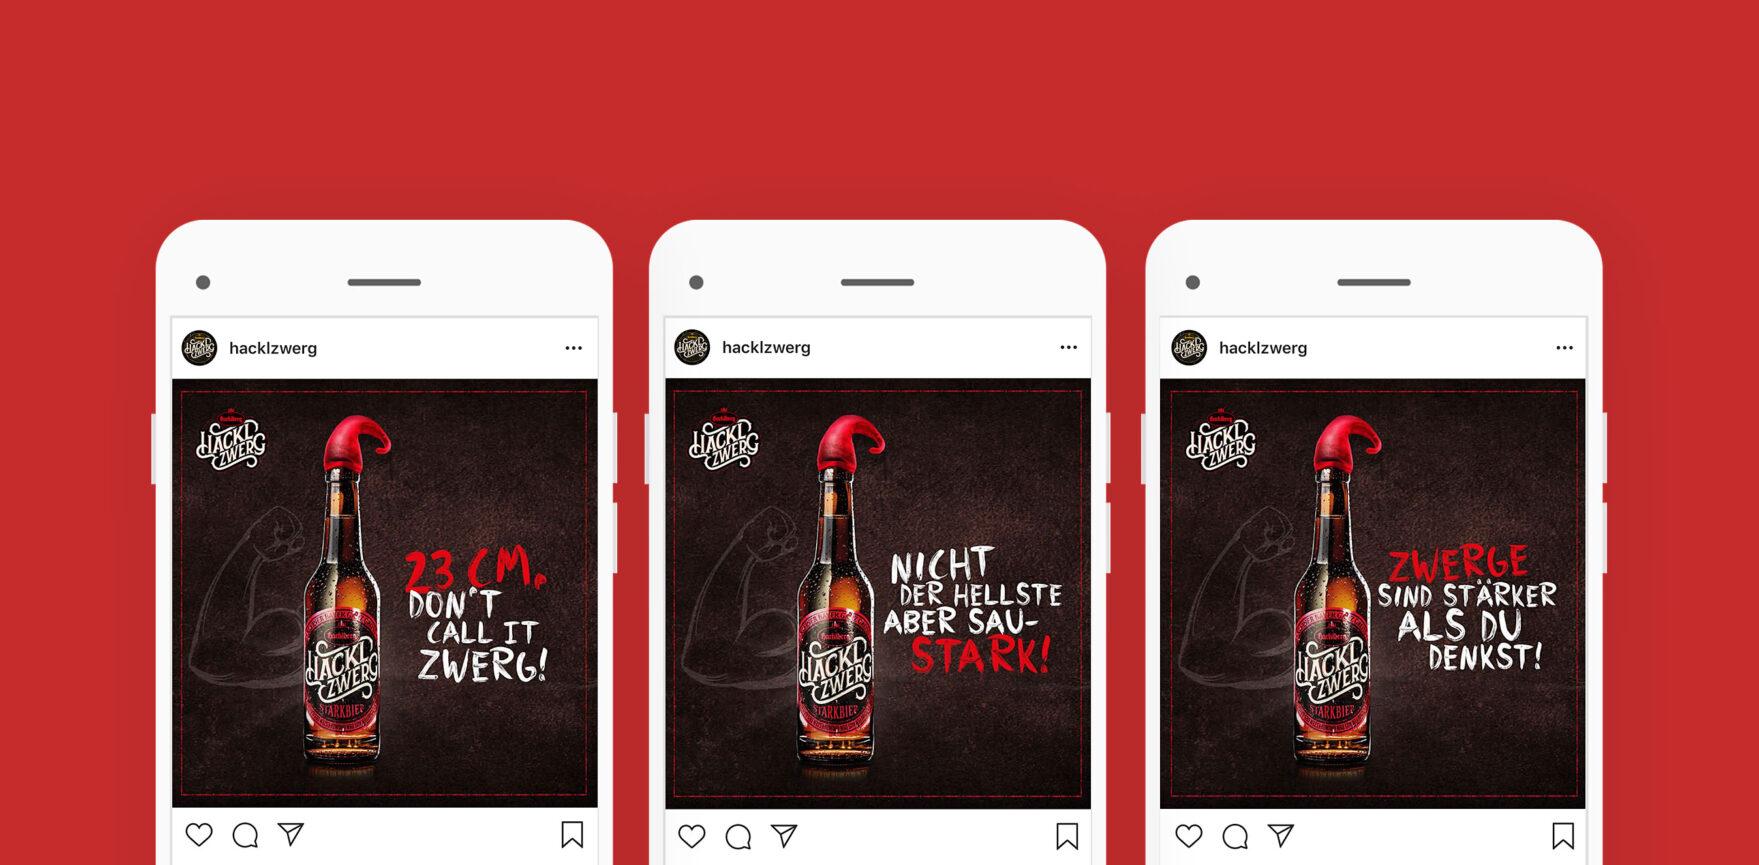 Brauerei Hacklberg - Hacklzwerg Kampagne Instagram Post